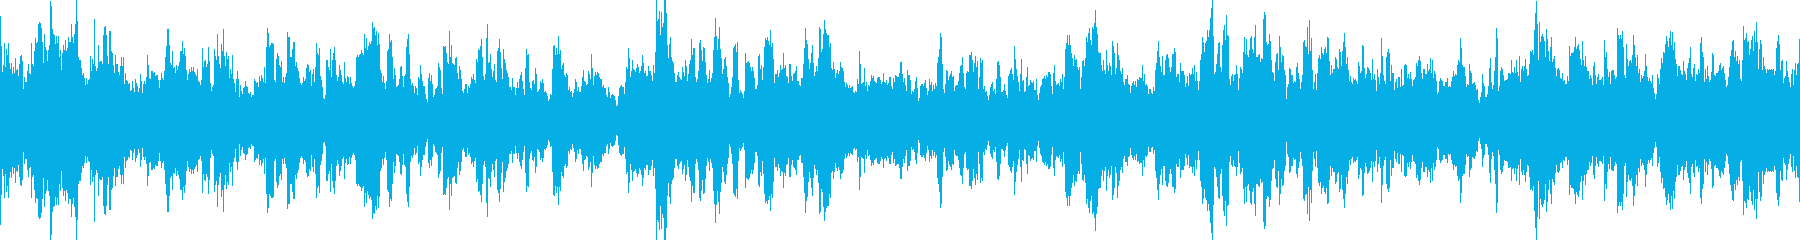 コンピューターの暴走【ループ可】の再生済みの波形